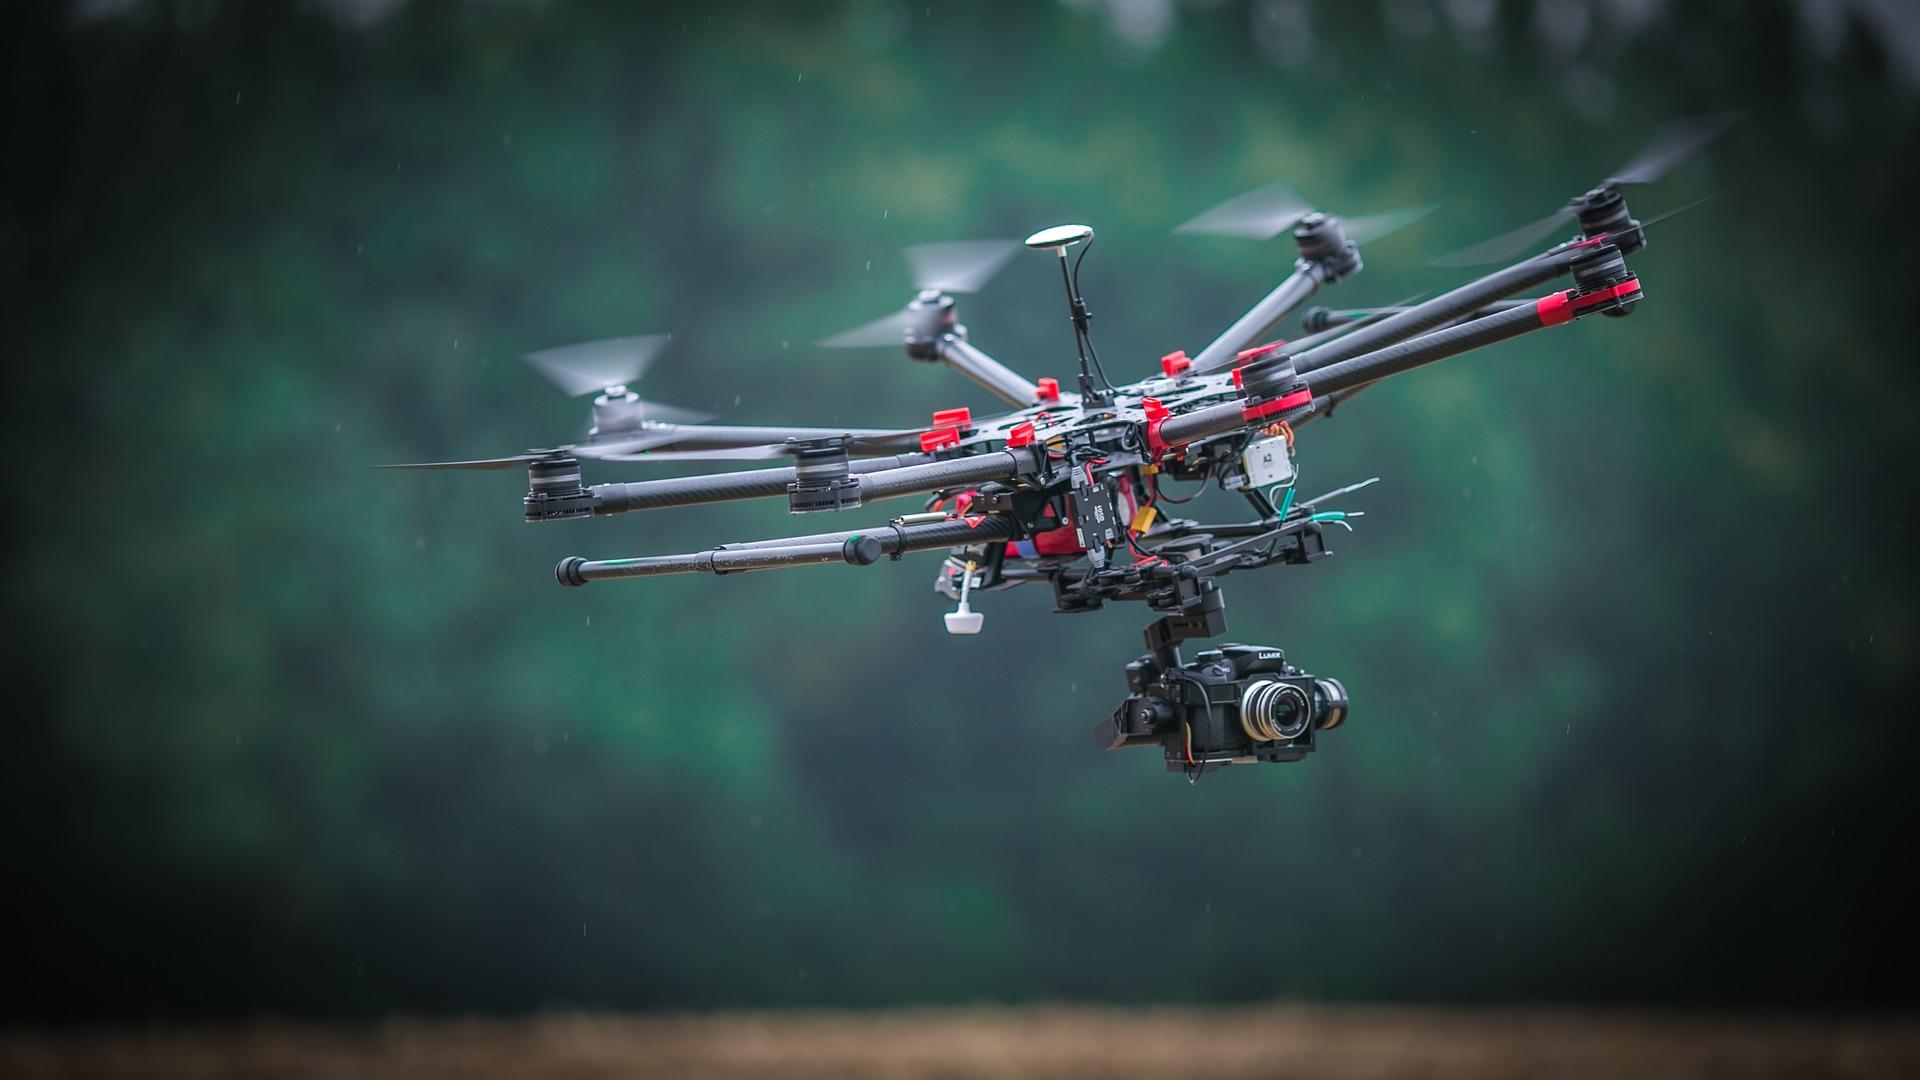 Los drones forman parte del grupo de Vehículos Aéreos No Tripulados (VANT), es decir, no tienen piloto y se pueden controlar remotamente o de manera autónoma